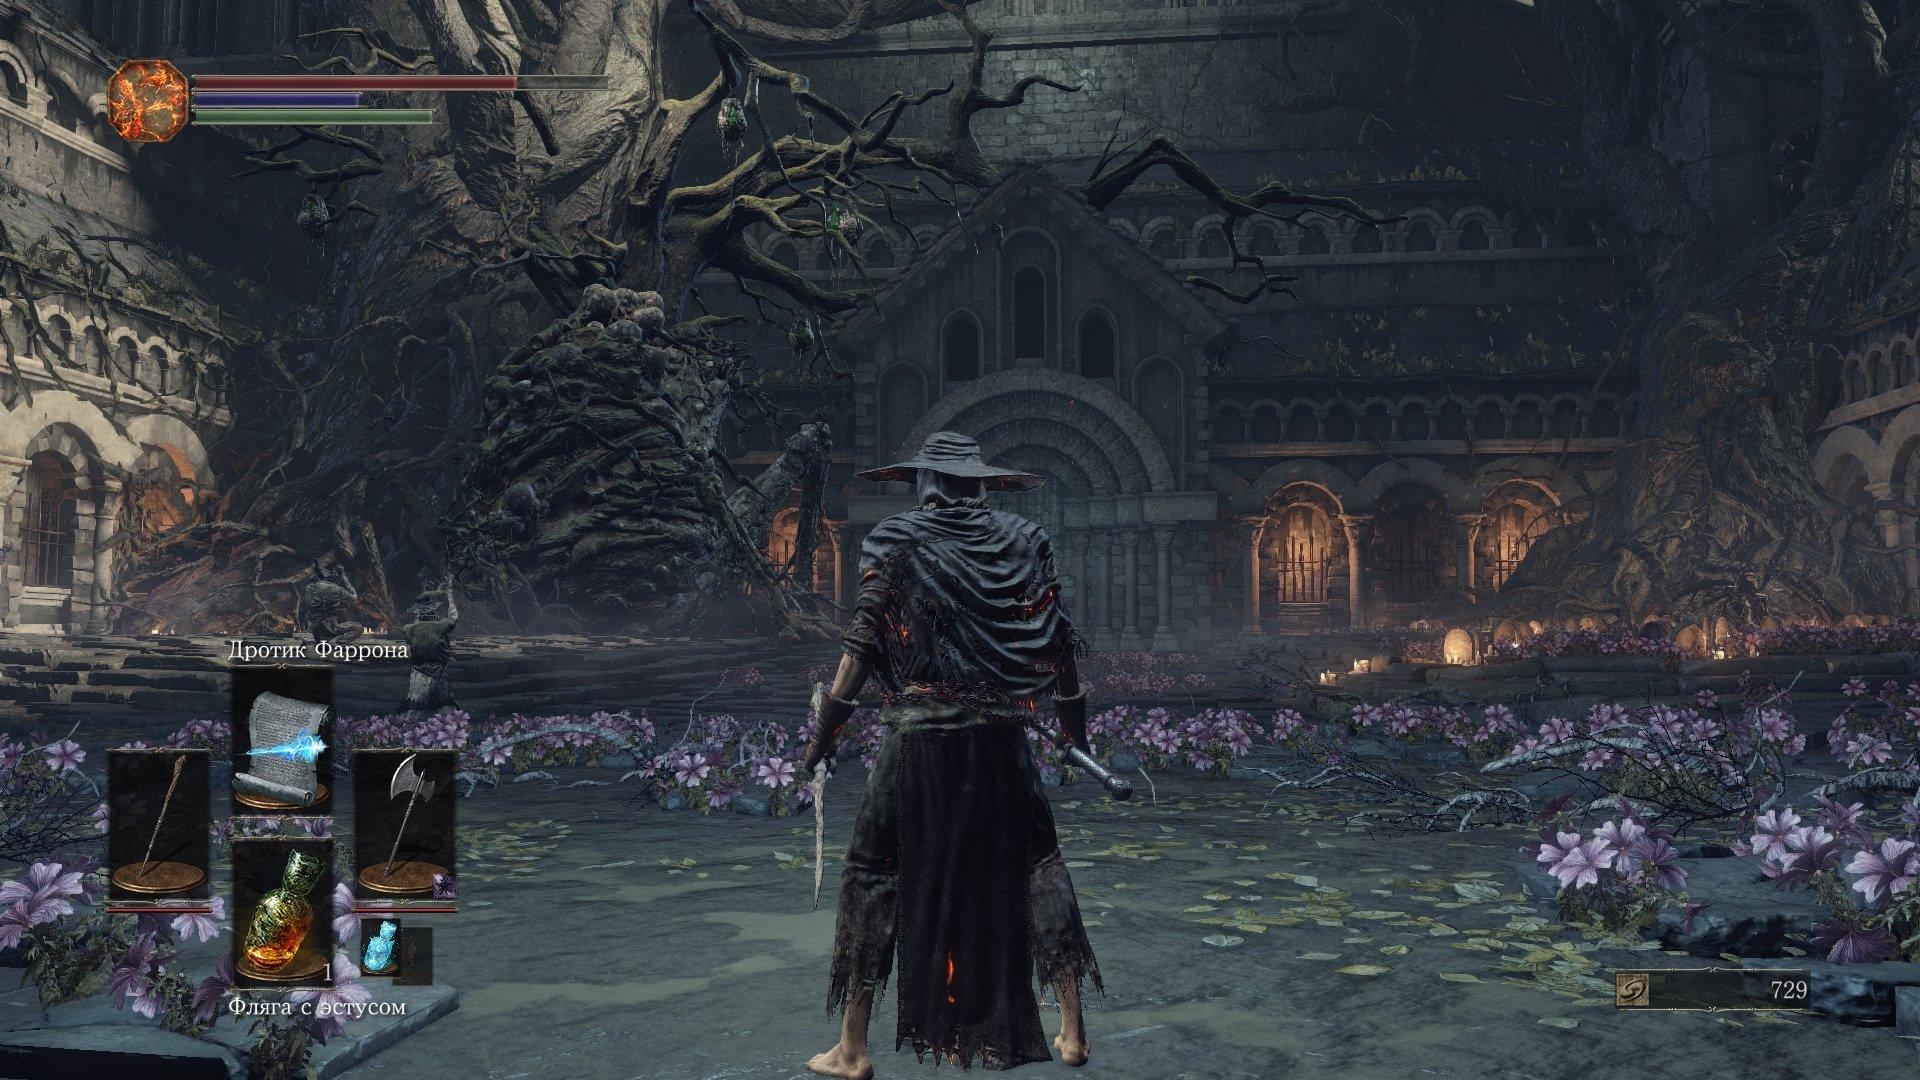 dark souls 3 прохождение как убить босса дерево tree boss dark souls 3 curse rotted greatwood проклятое великое дерево